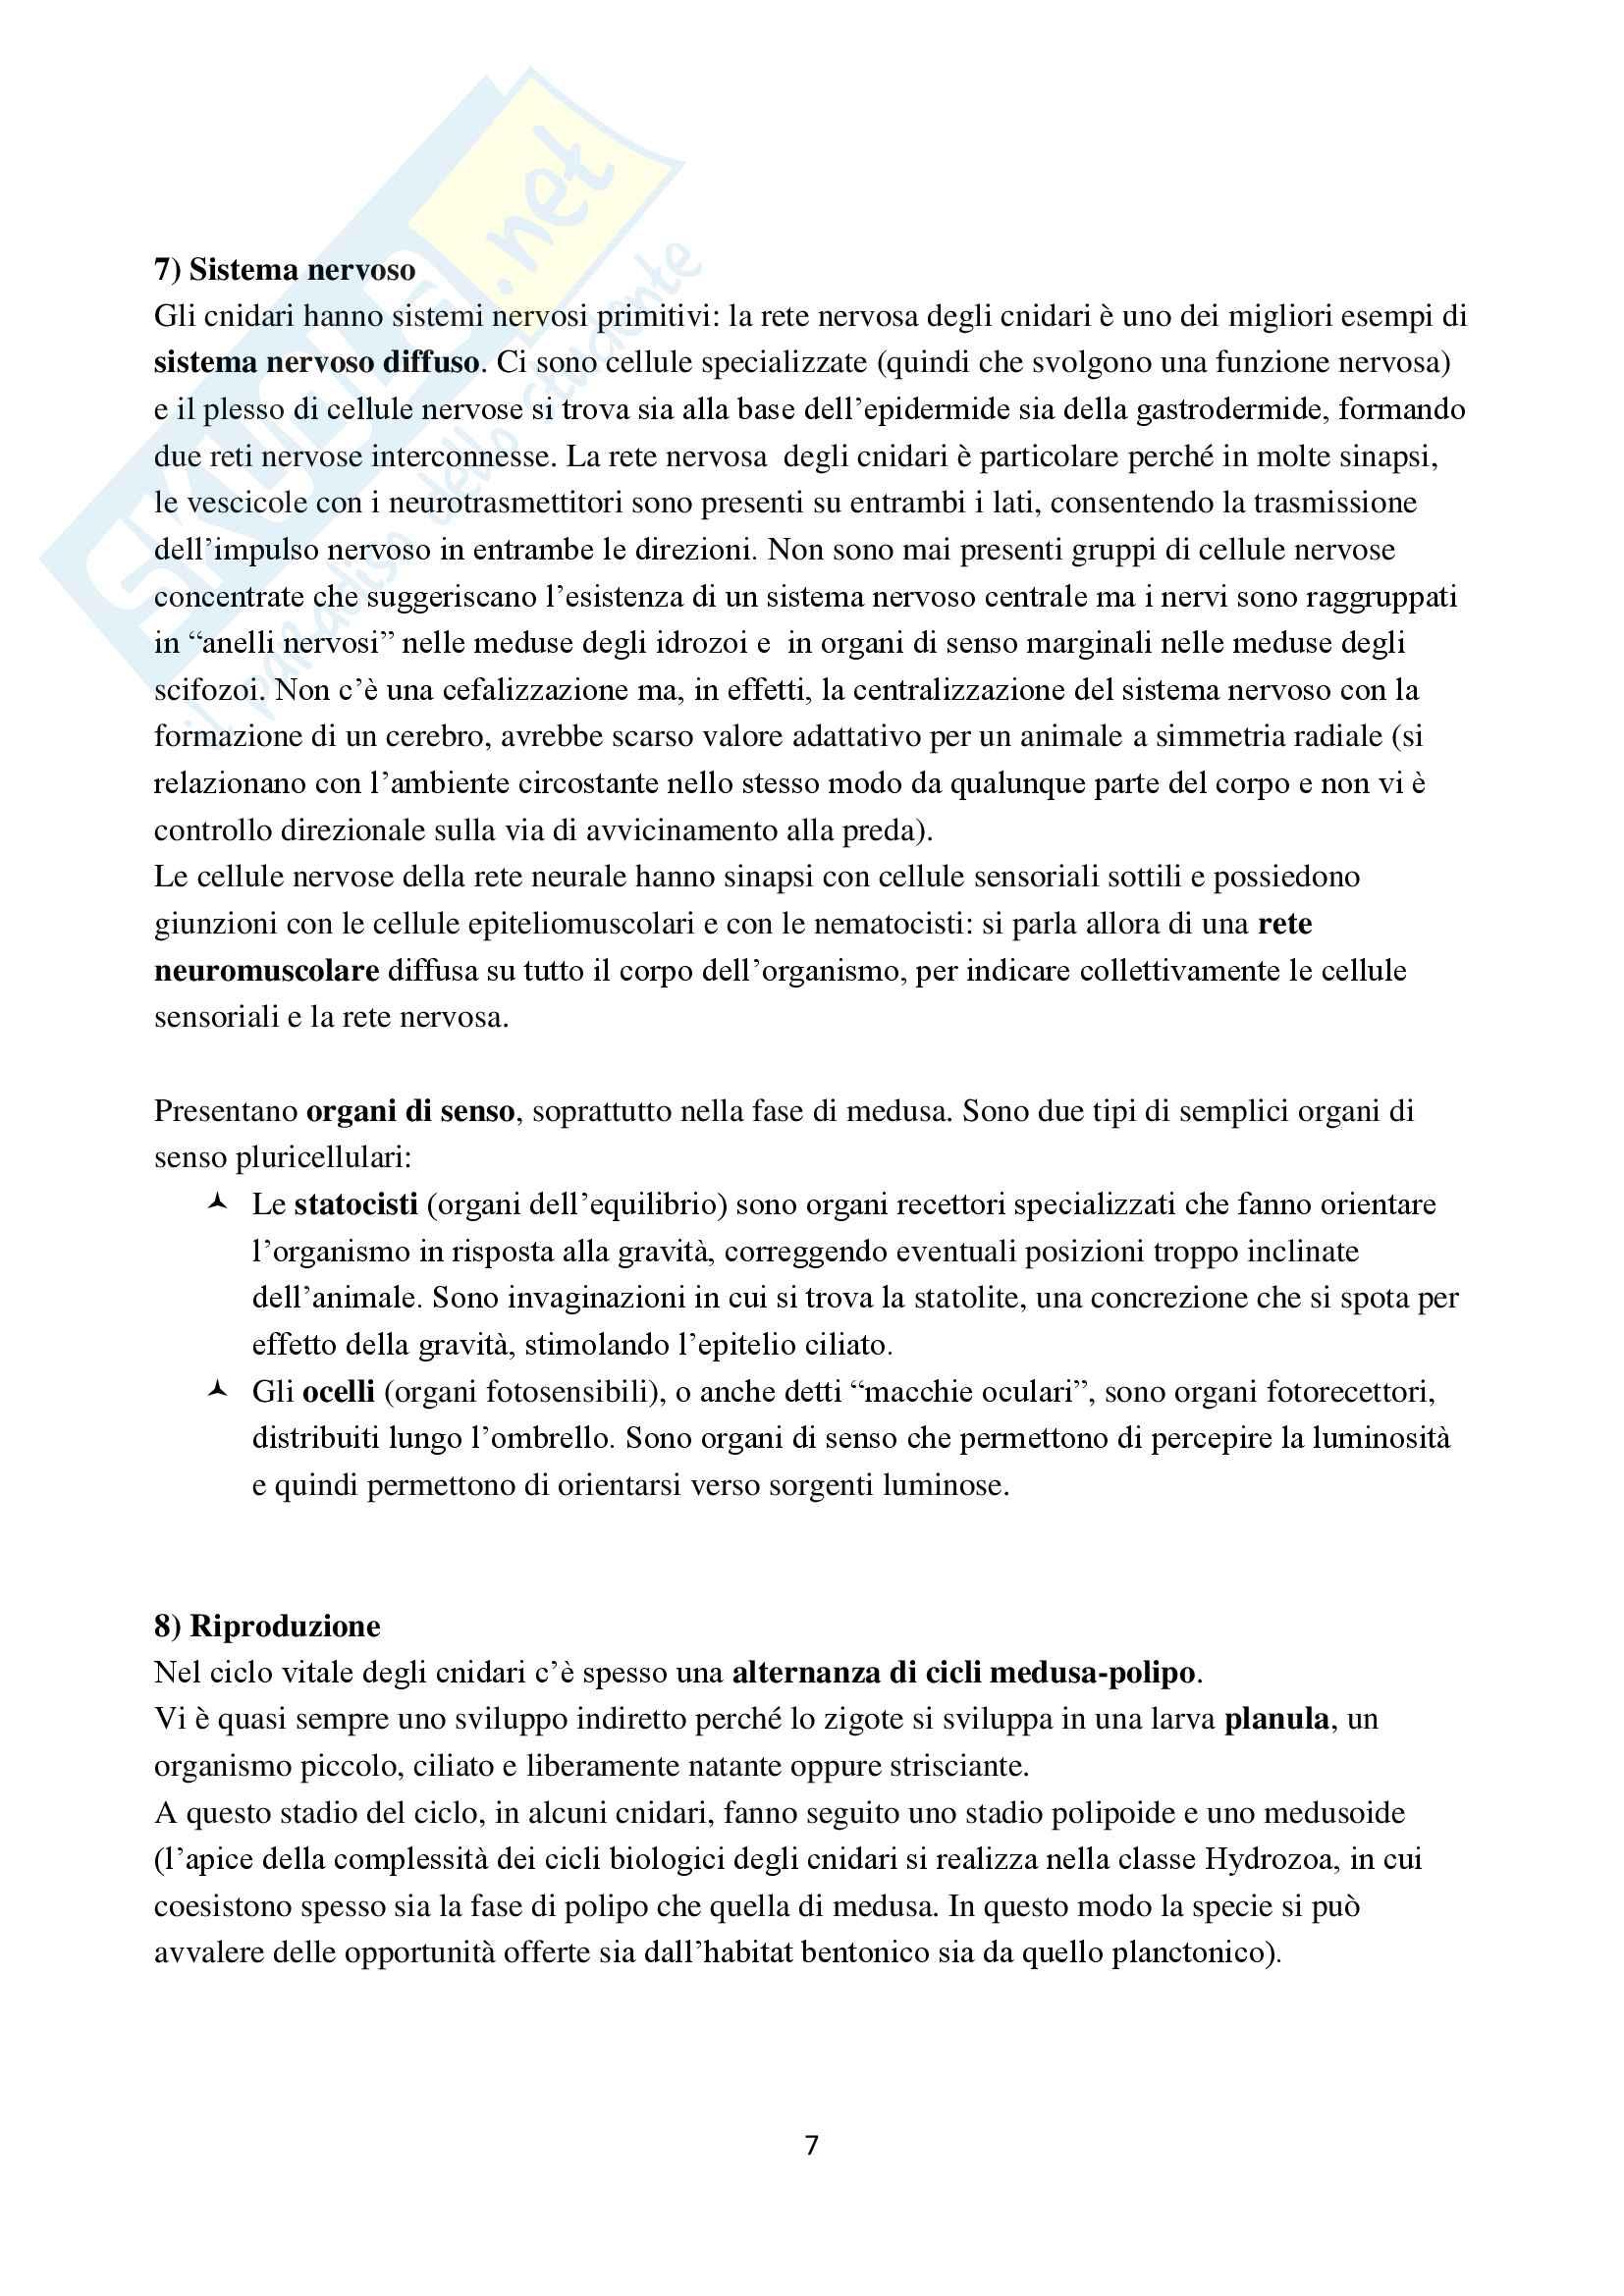 Appunti di Zoologia per l'esame del corso di laurea triennale in Scienze Biologiche (Università Milano Bicocca) Pag. 41